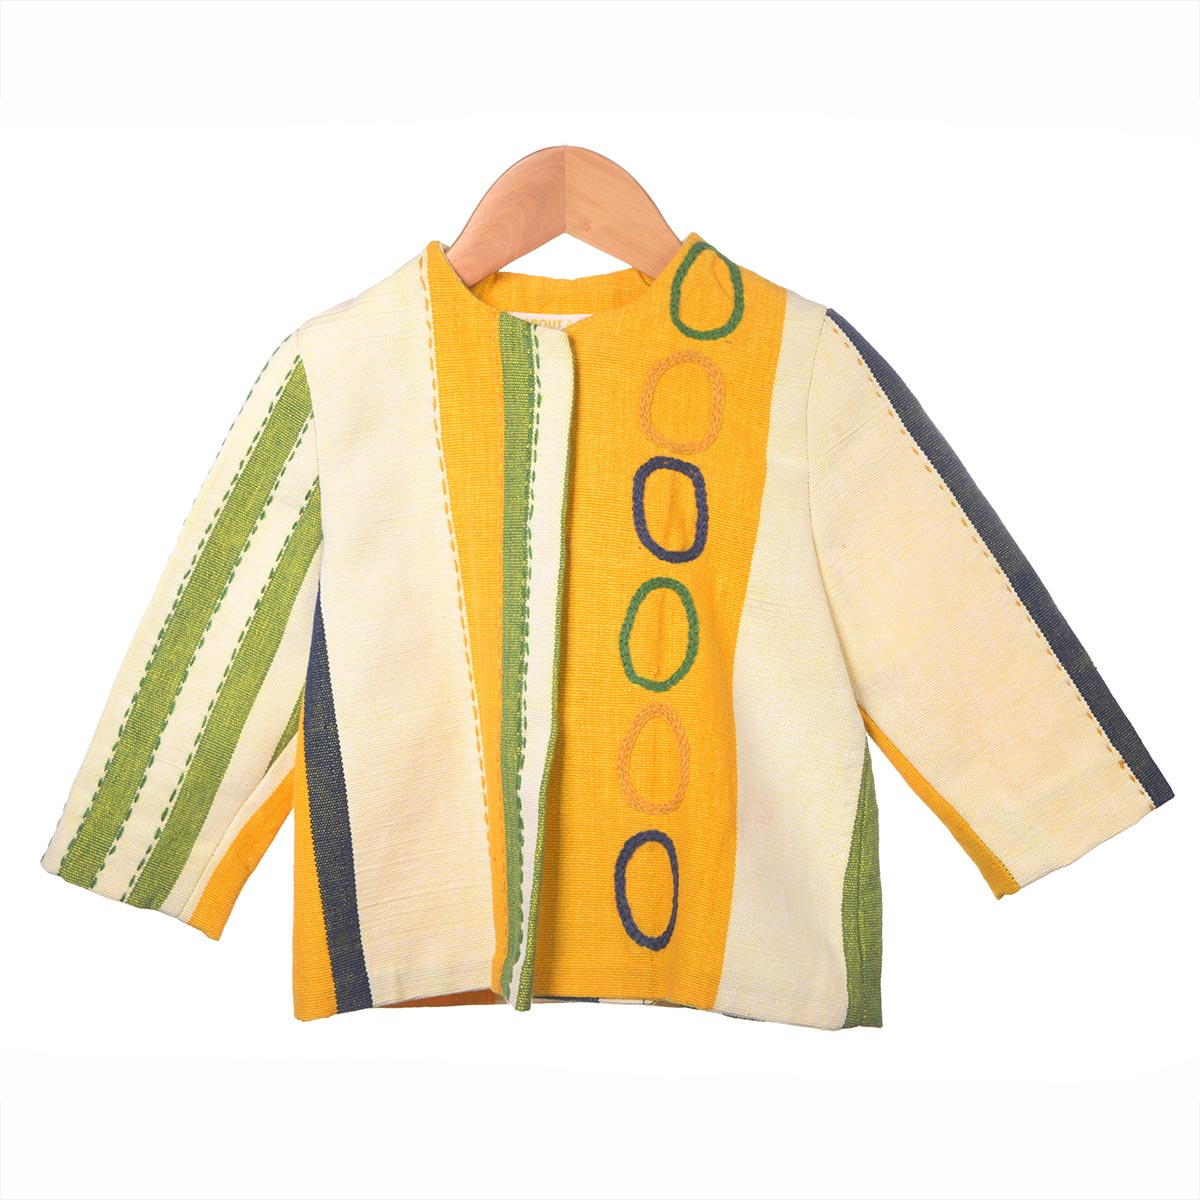 Geel/groen gestreept jasje, cirkels